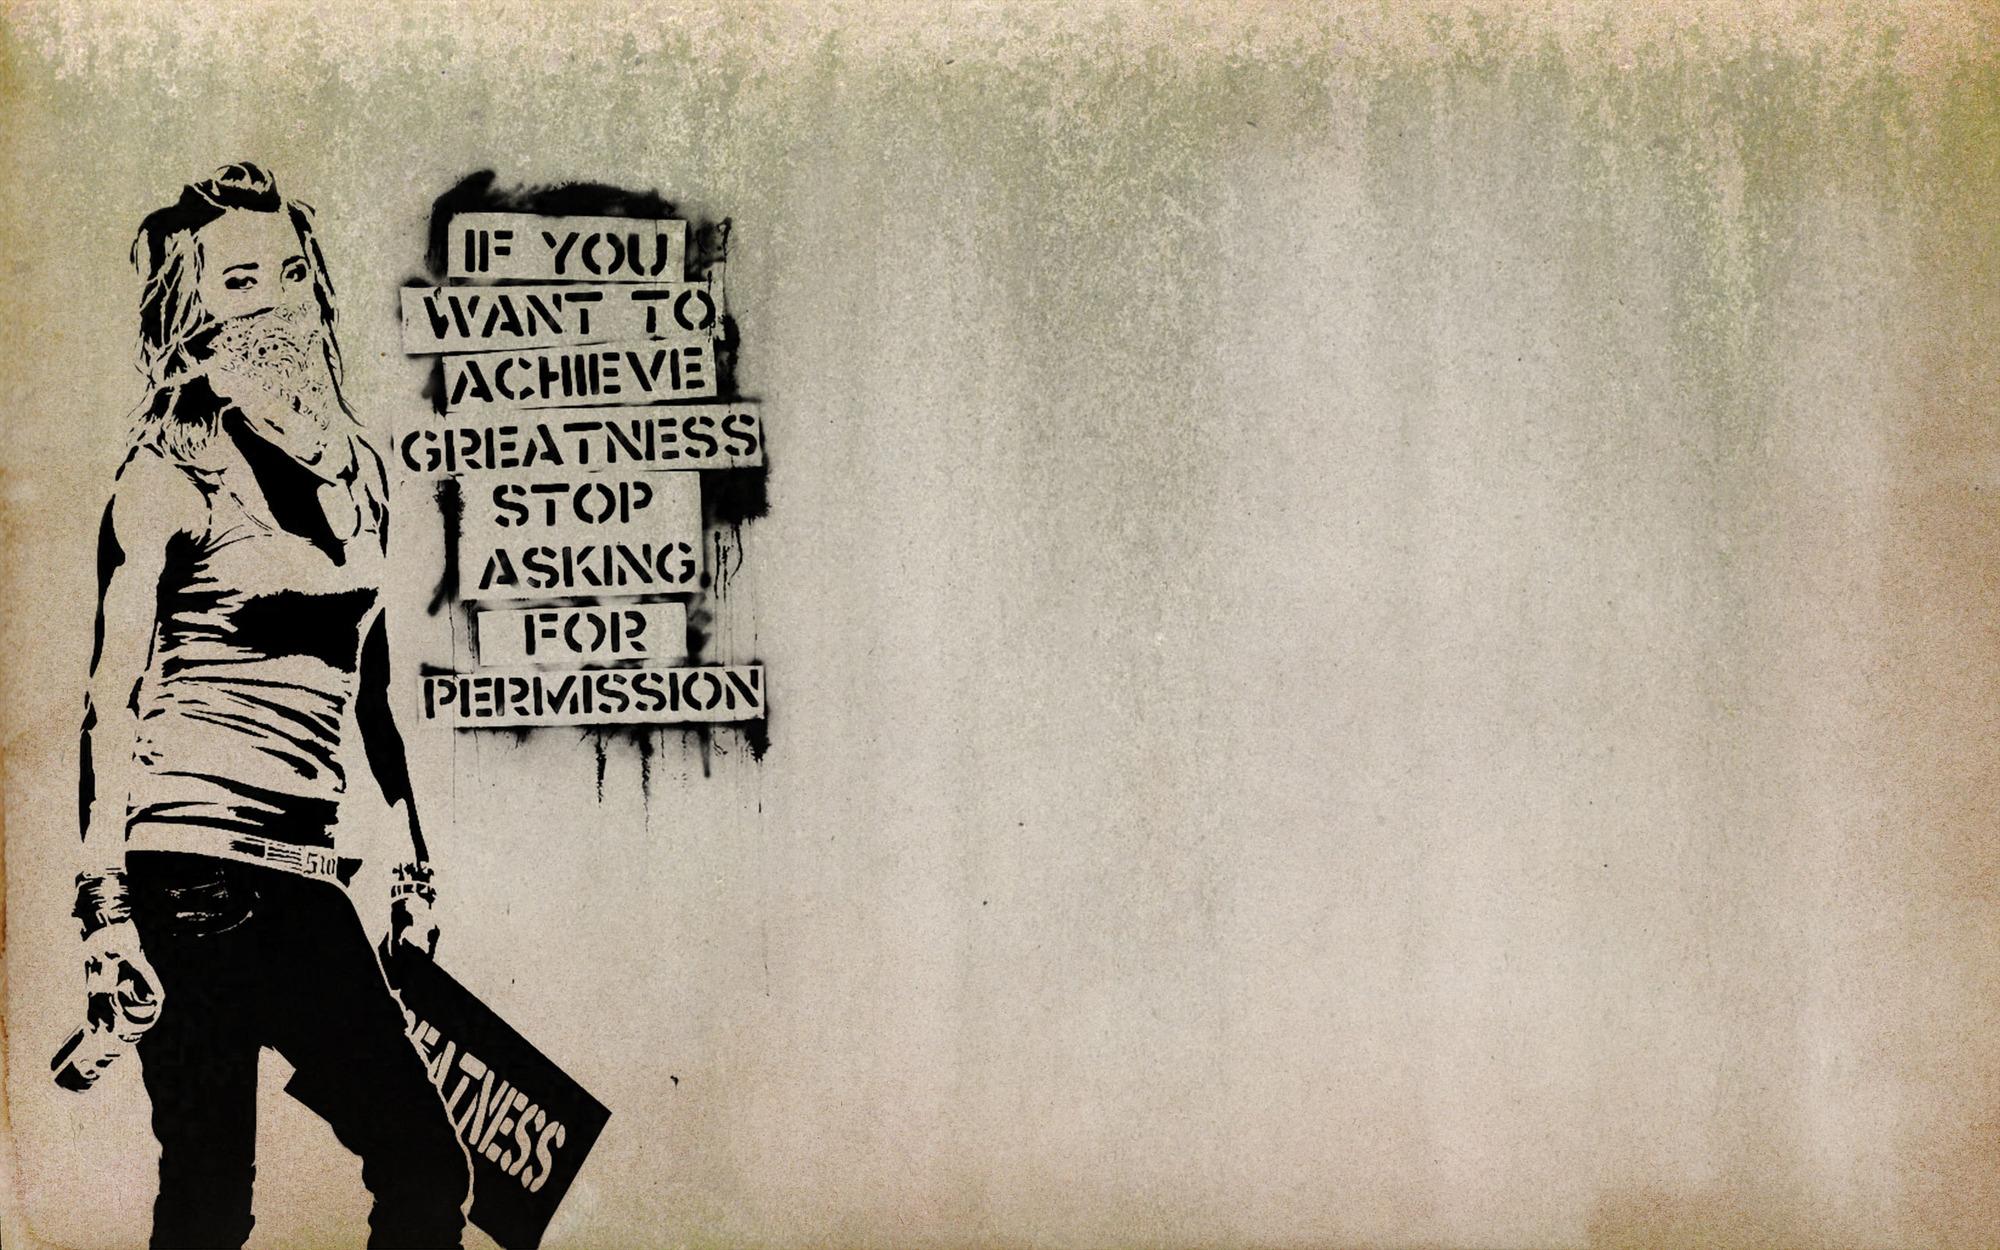 Street Art by Eddie Colla